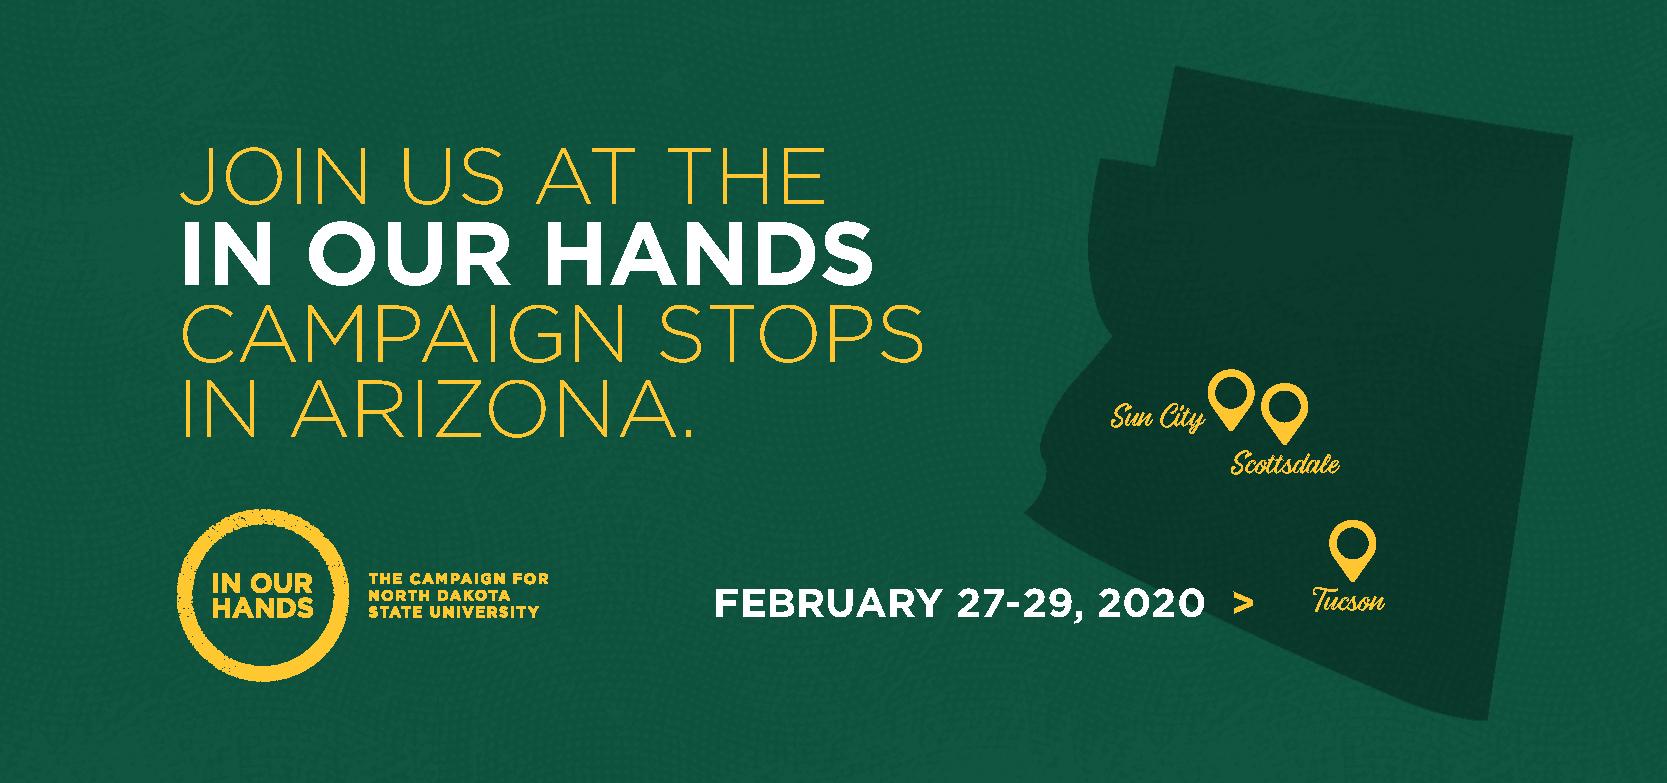 Arizona 2020 Events